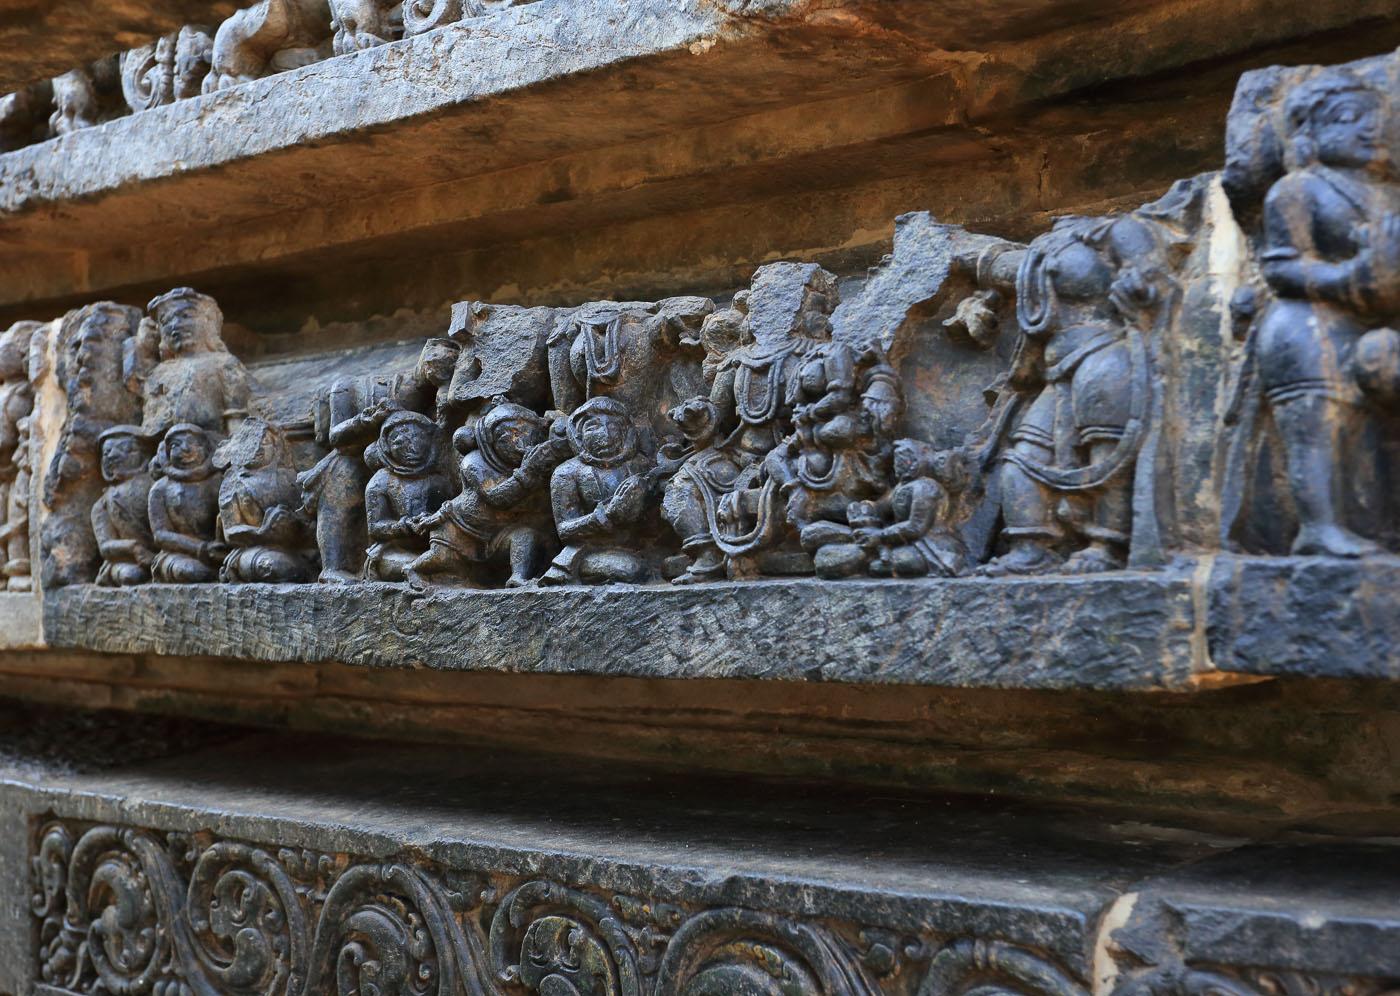 Фотография 17. Космонавты в скафандрах на древних барельефах в Индии.